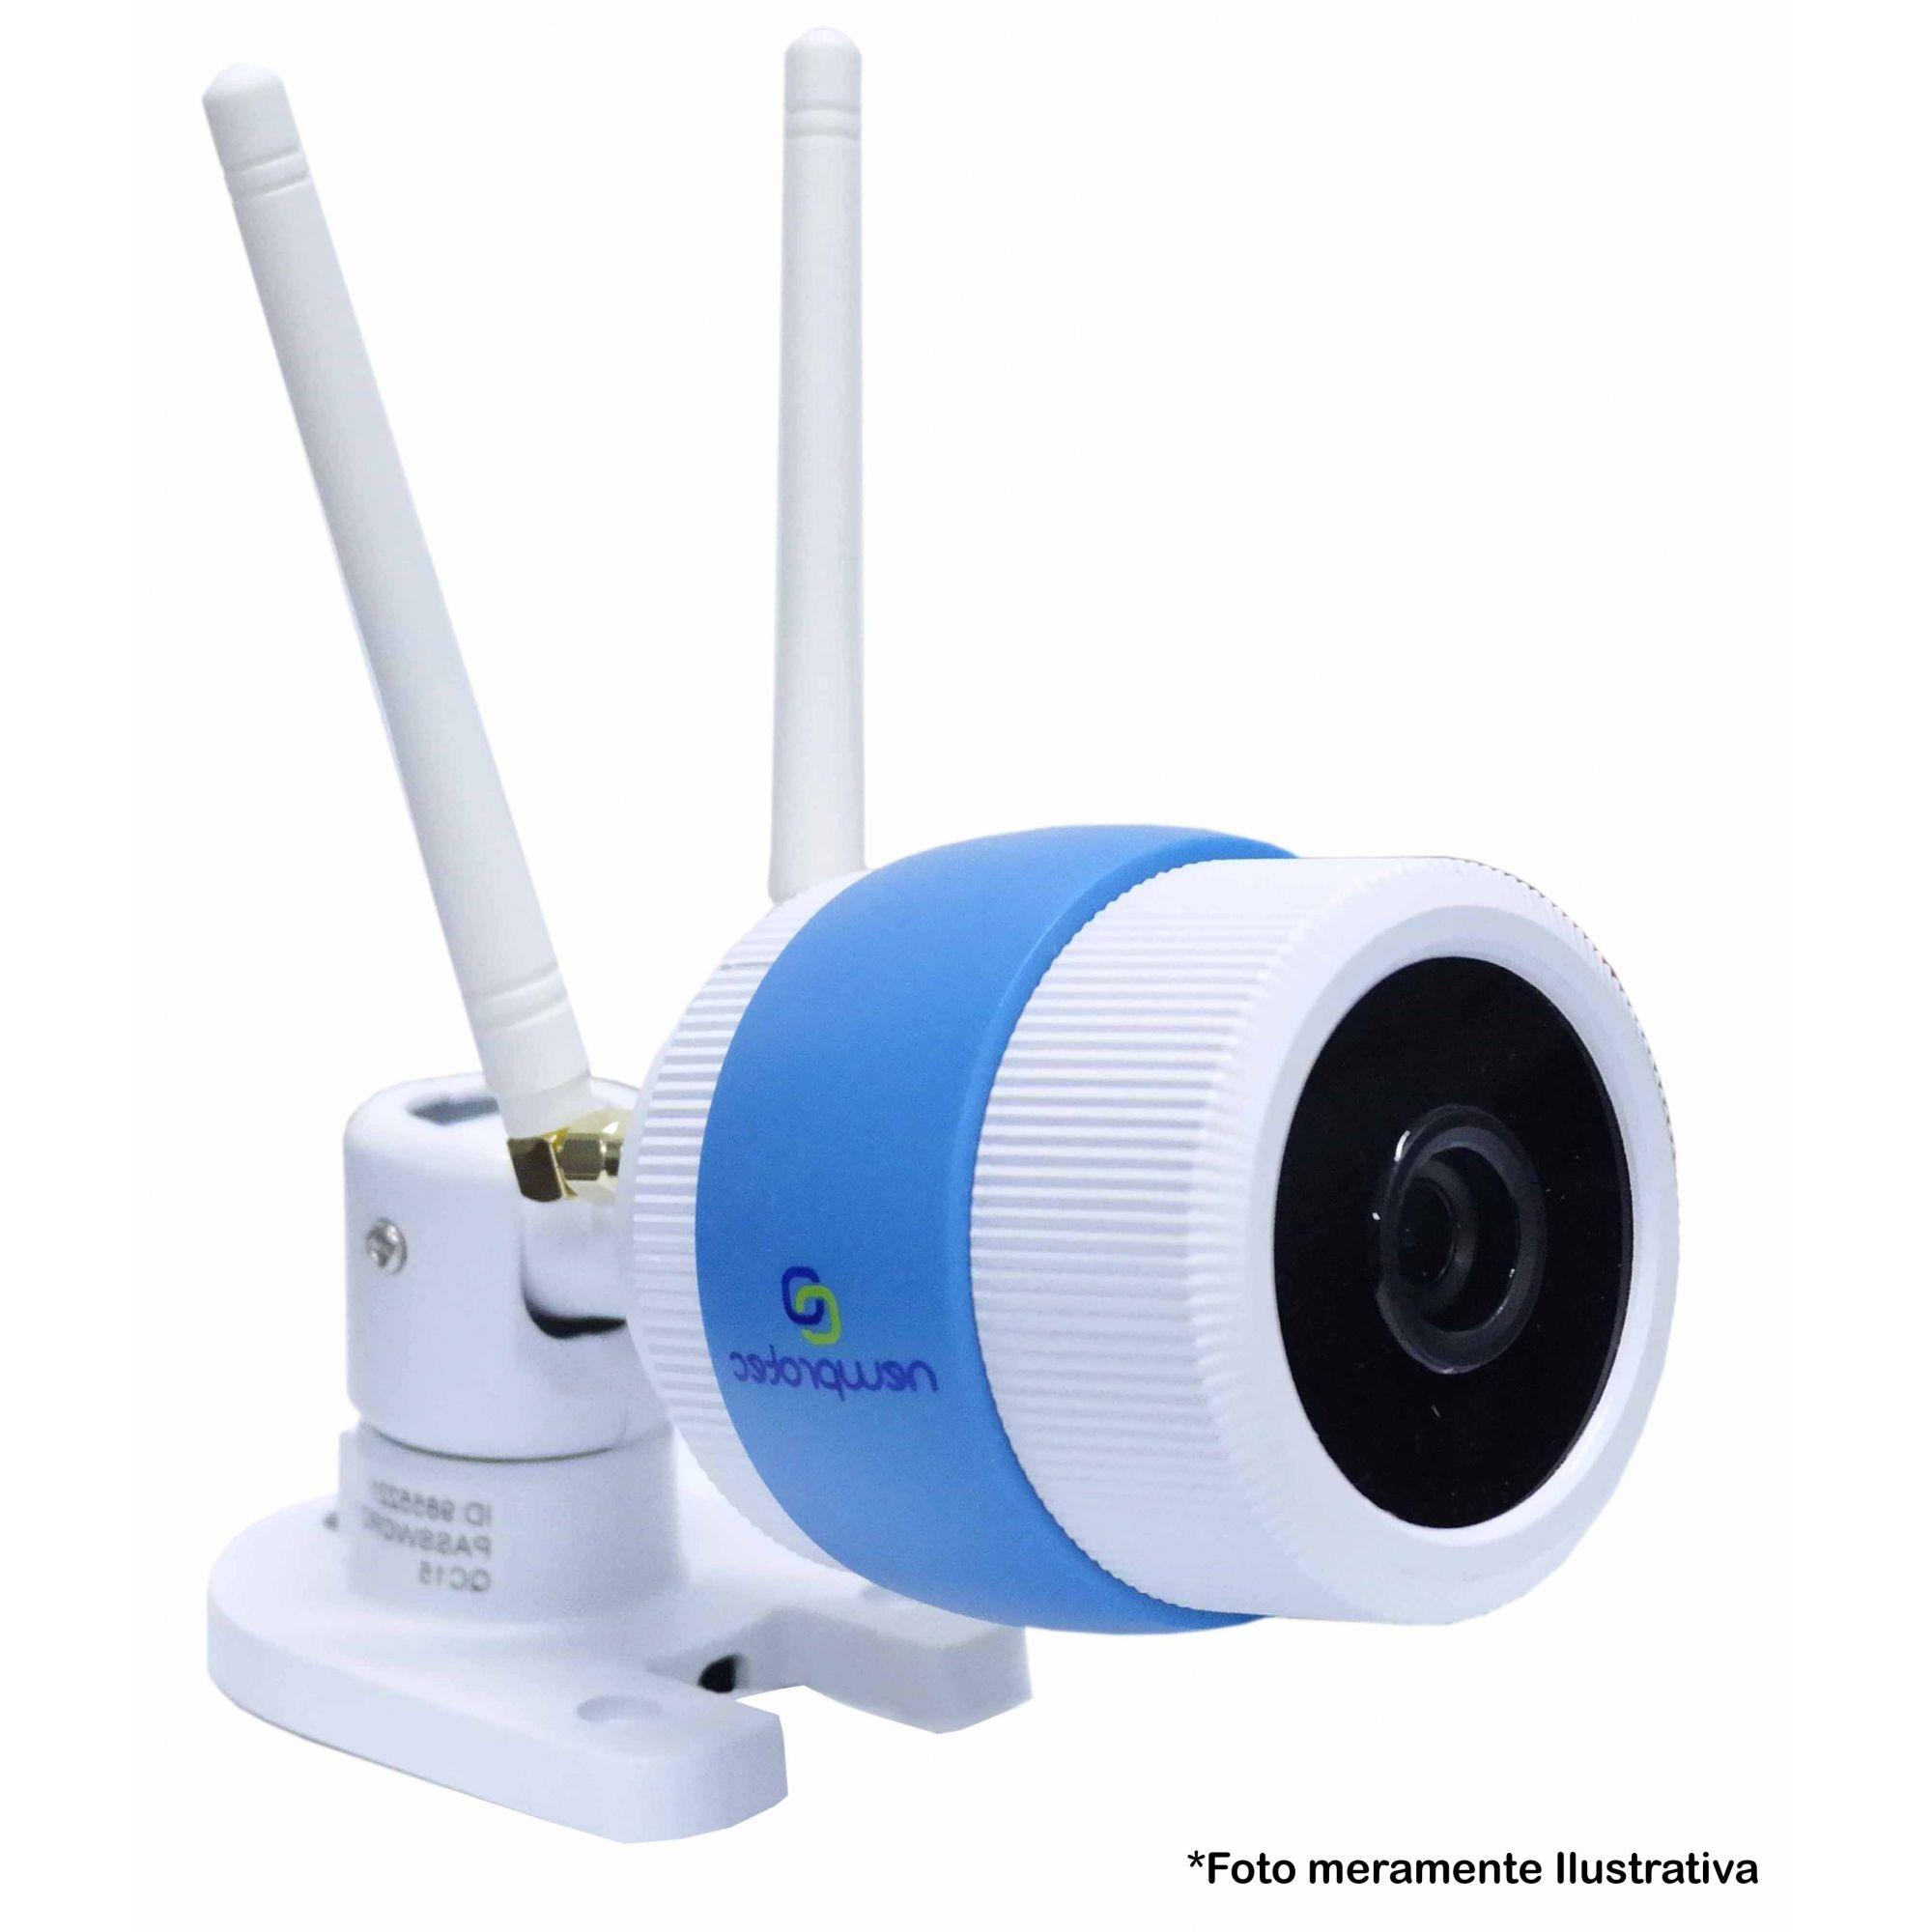 Câmera de Segurança IP Onvif Bullet Sem Fio Wifi Full HD 1080p, Grava em Cartão SD,  Uso Externo